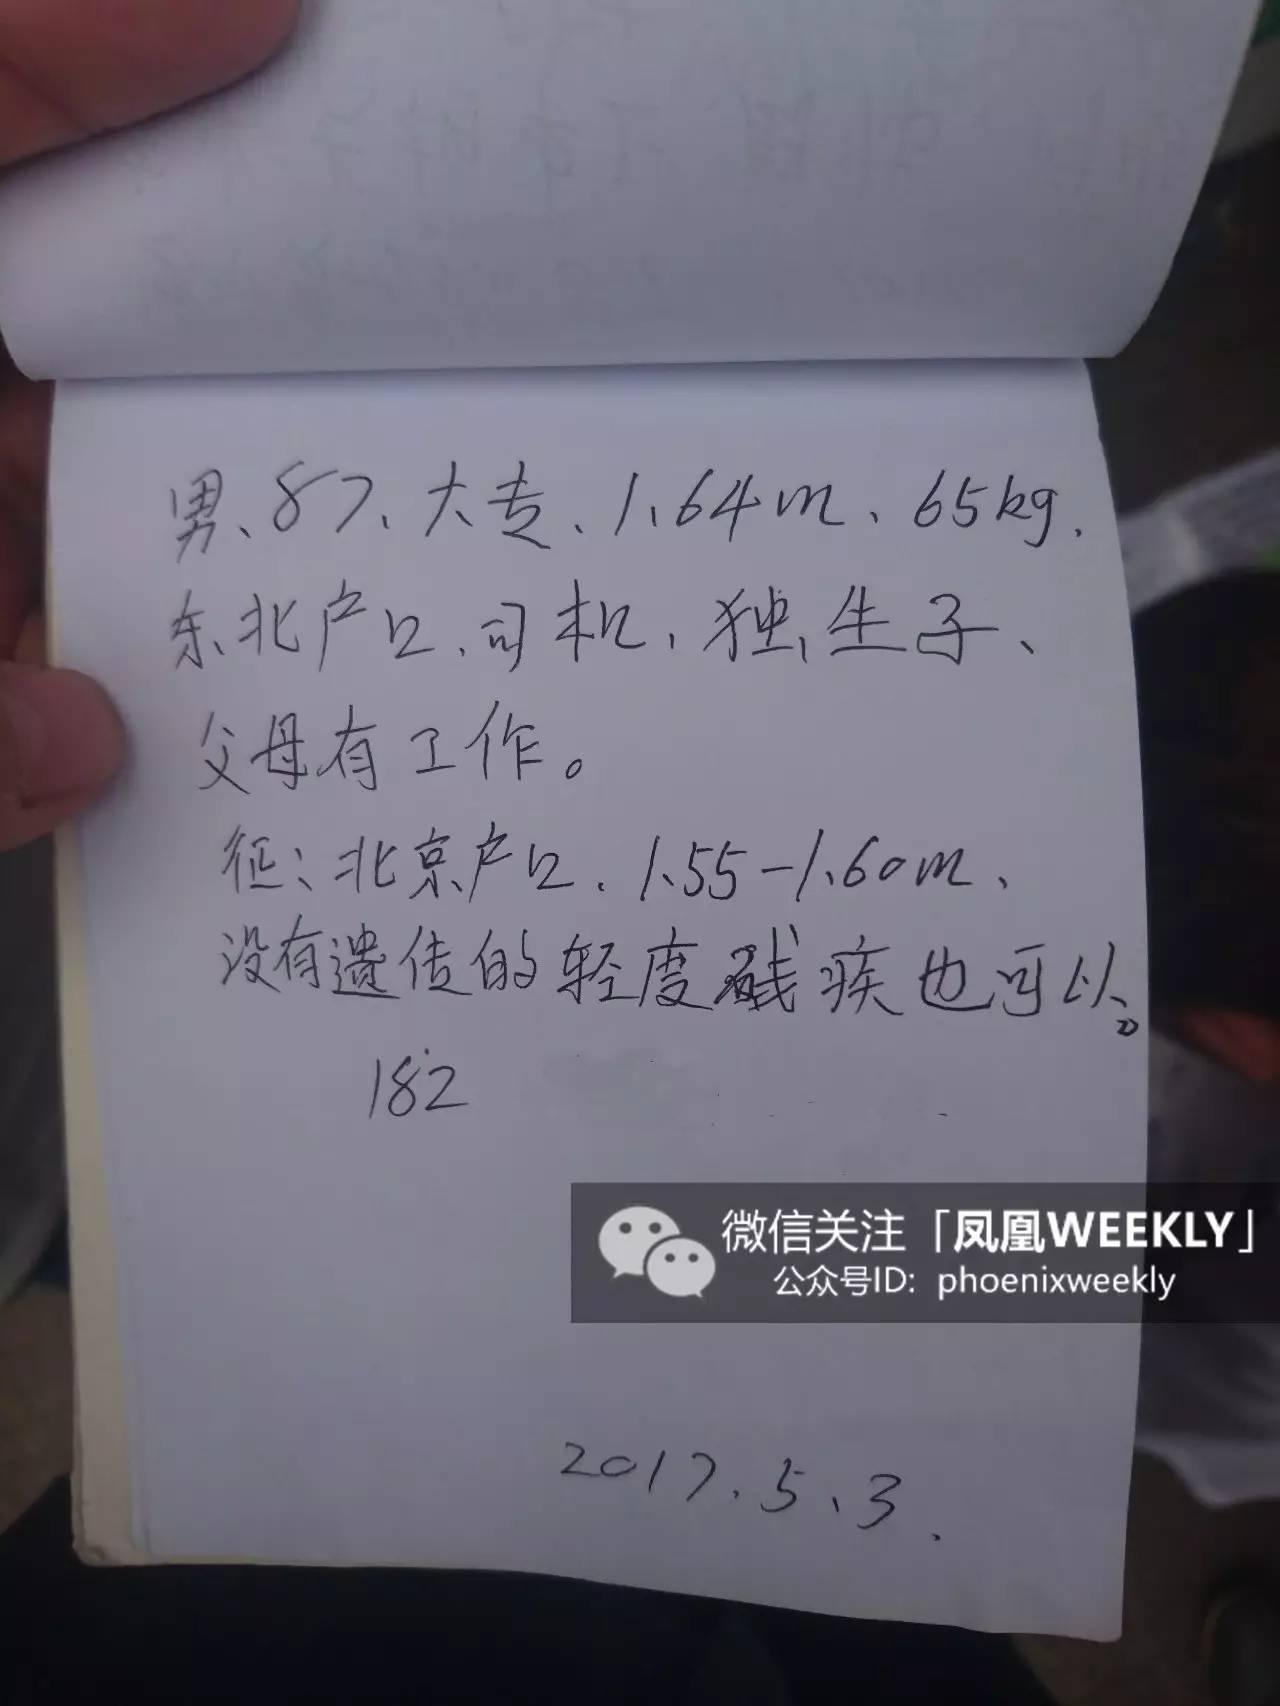 中国式相亲 我儿子才33,不考虑没北京户口的姑娘